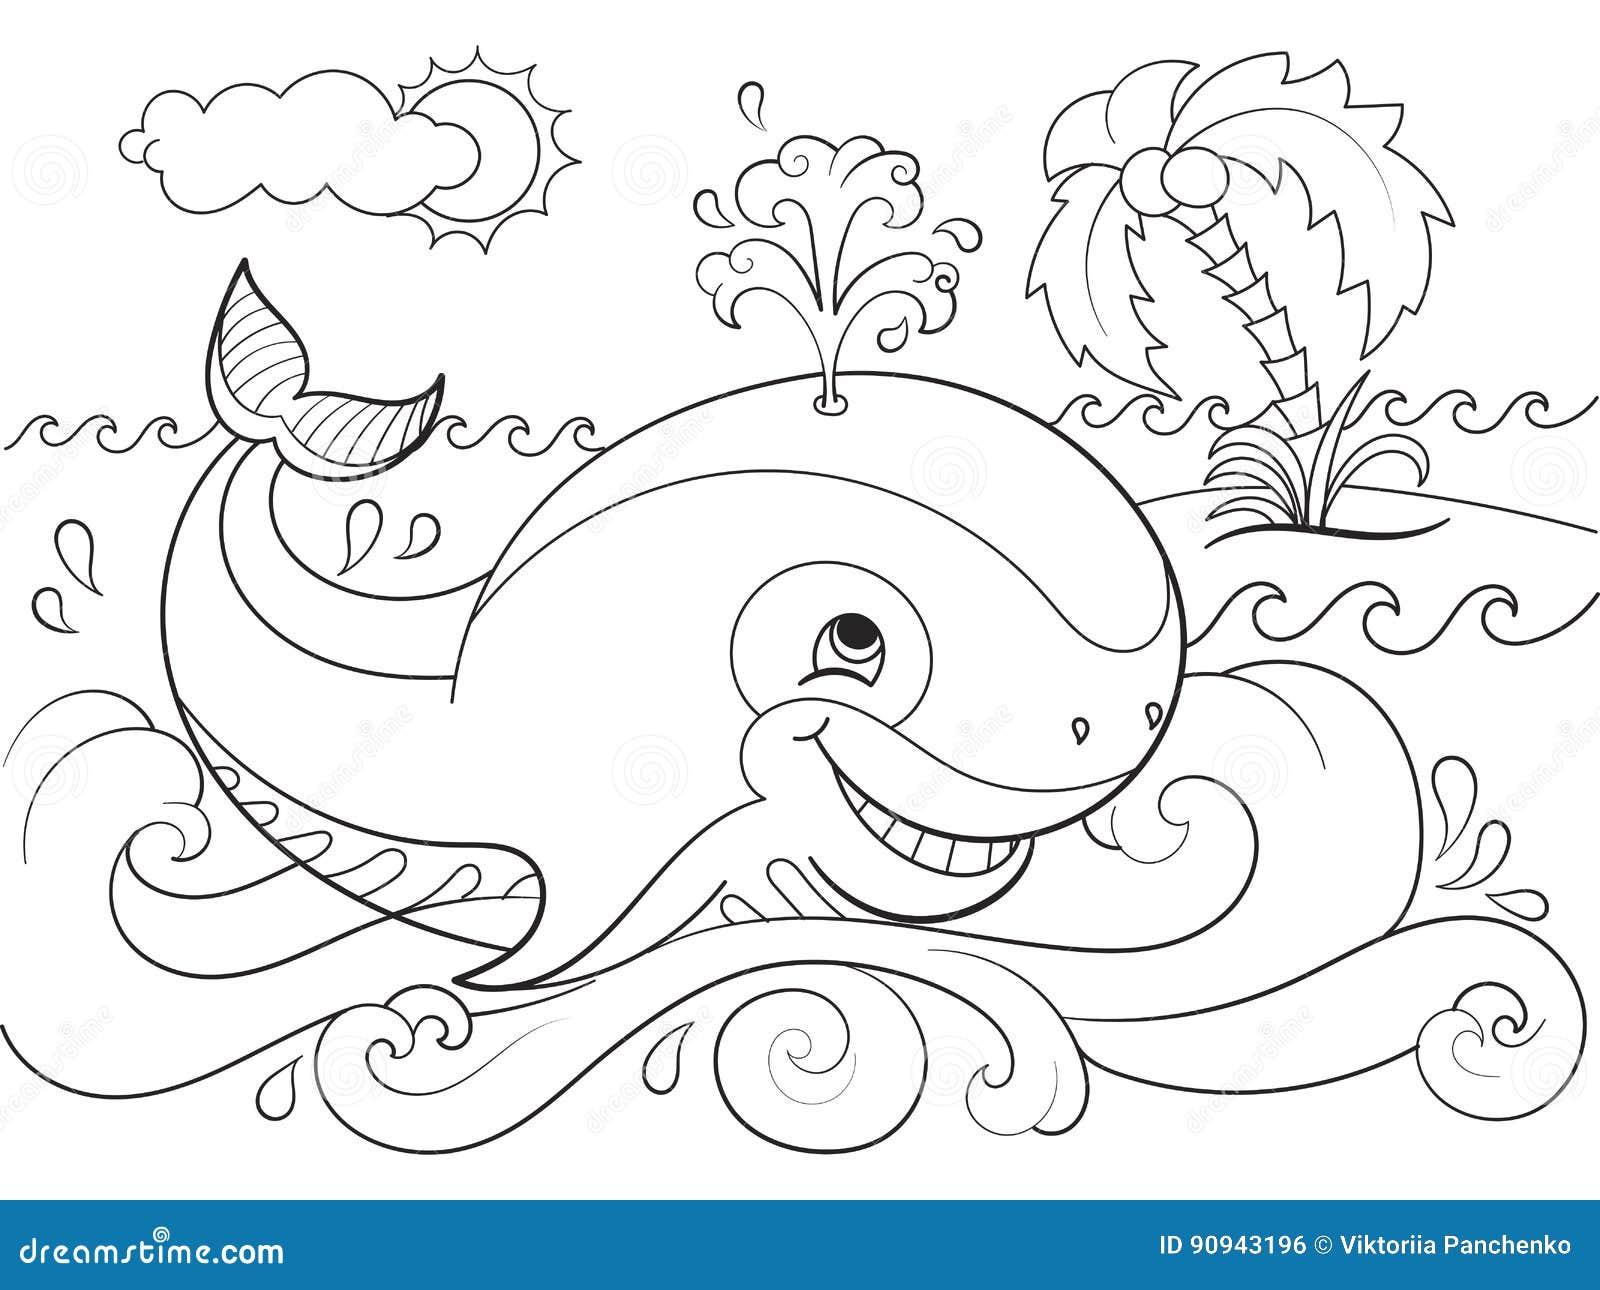 Blauwal Auf Einem Hintergrund Des Ozeanfarbtons Für Kinderkarikatur ...